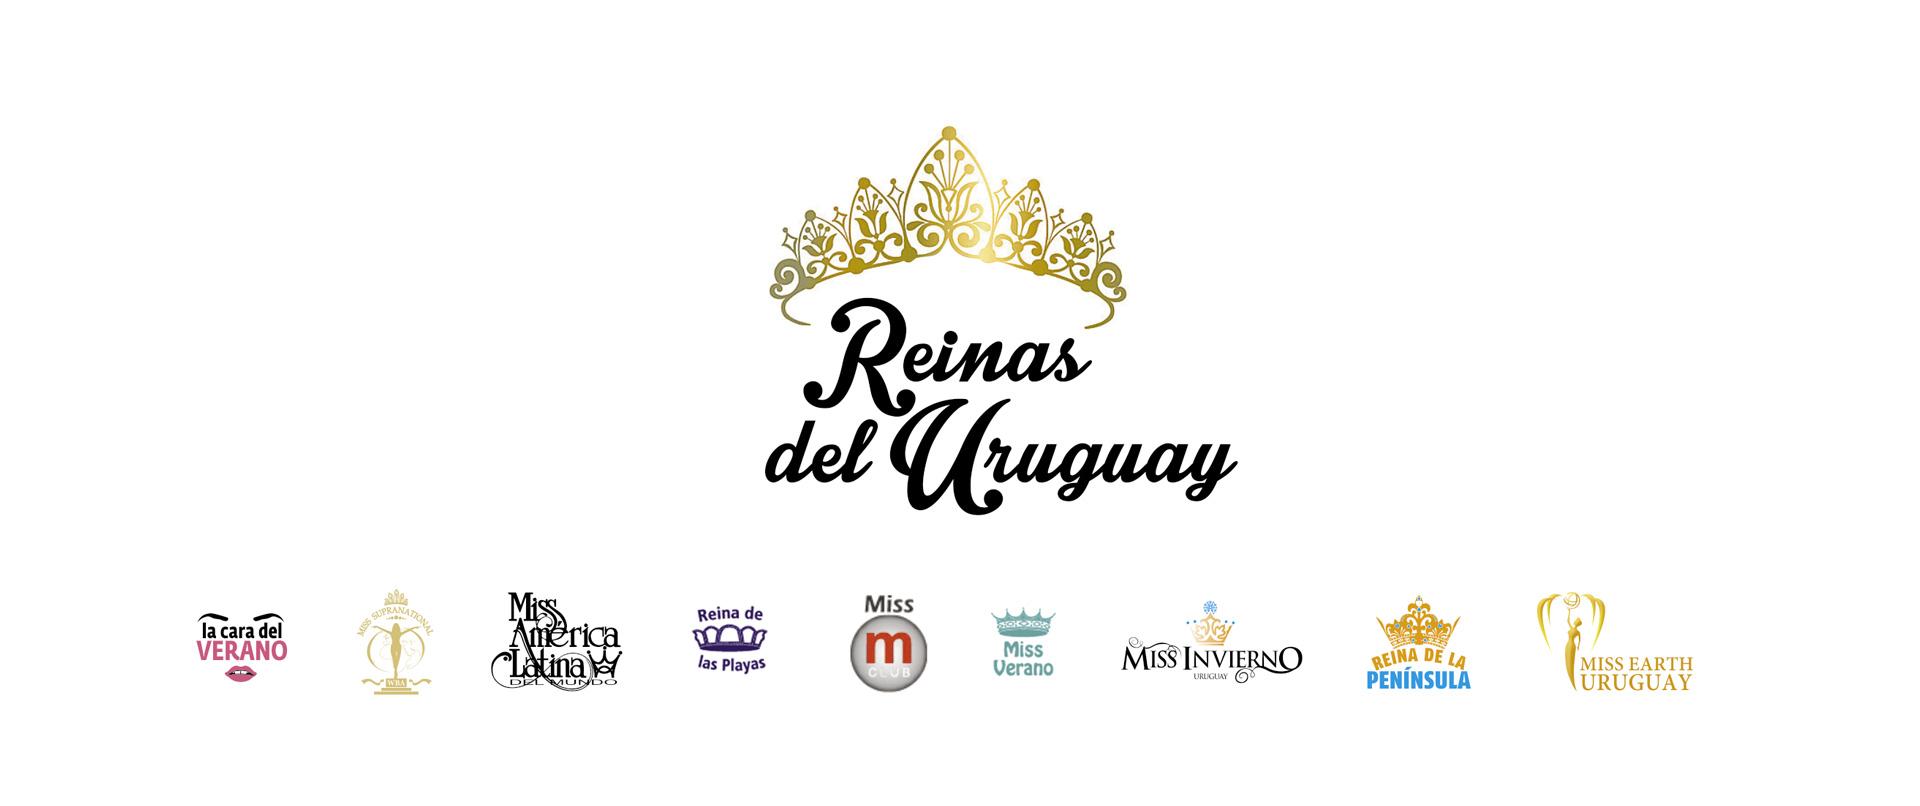 Reinas del Uruguay